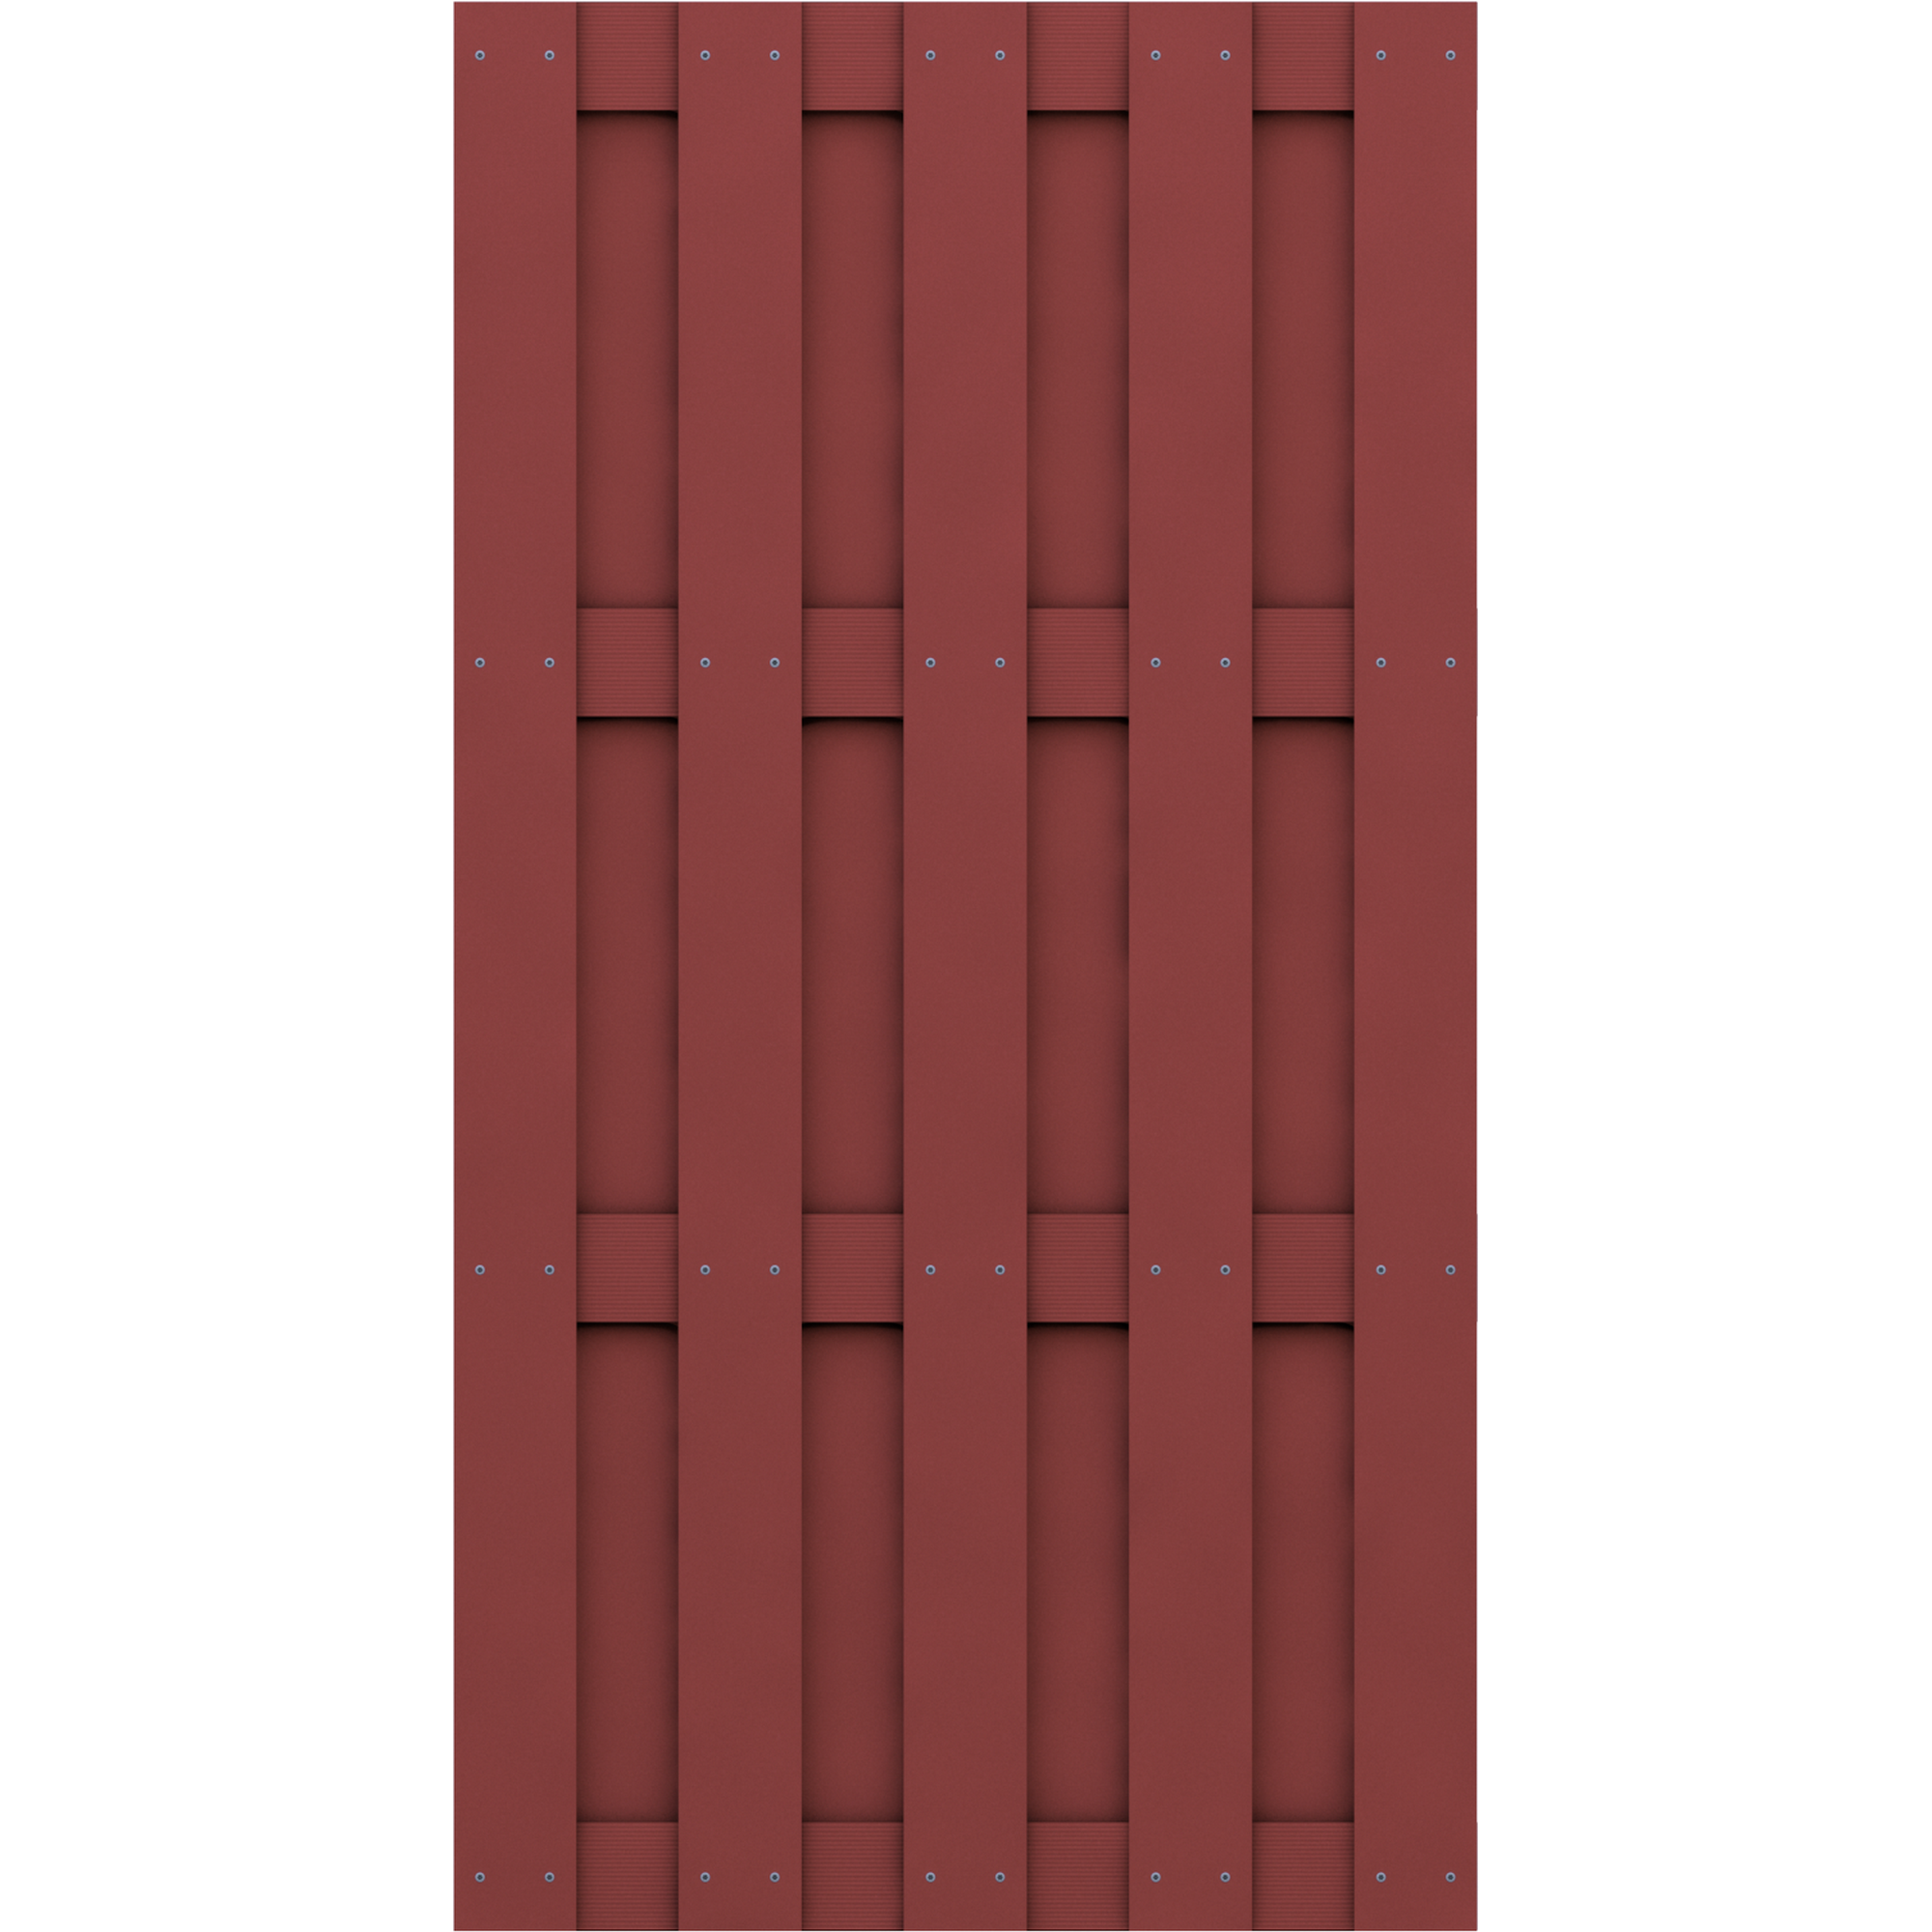 Zaunelement Jumbo Wpc Rotbraun ǀ Toom Baumarkt